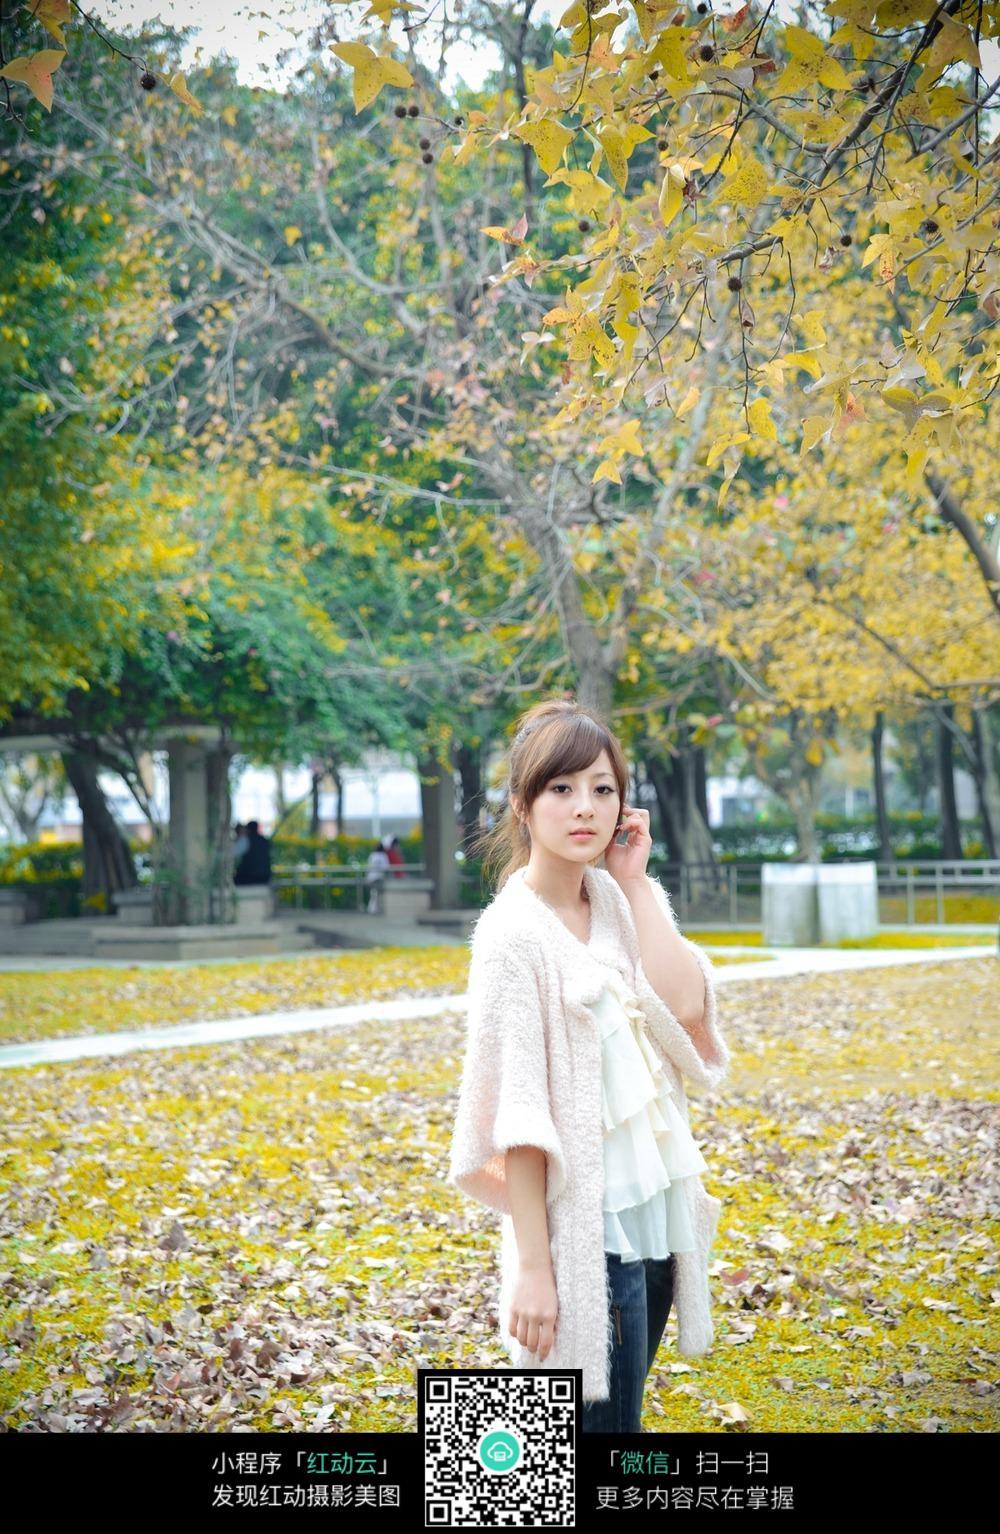 秋风中的女孩图片